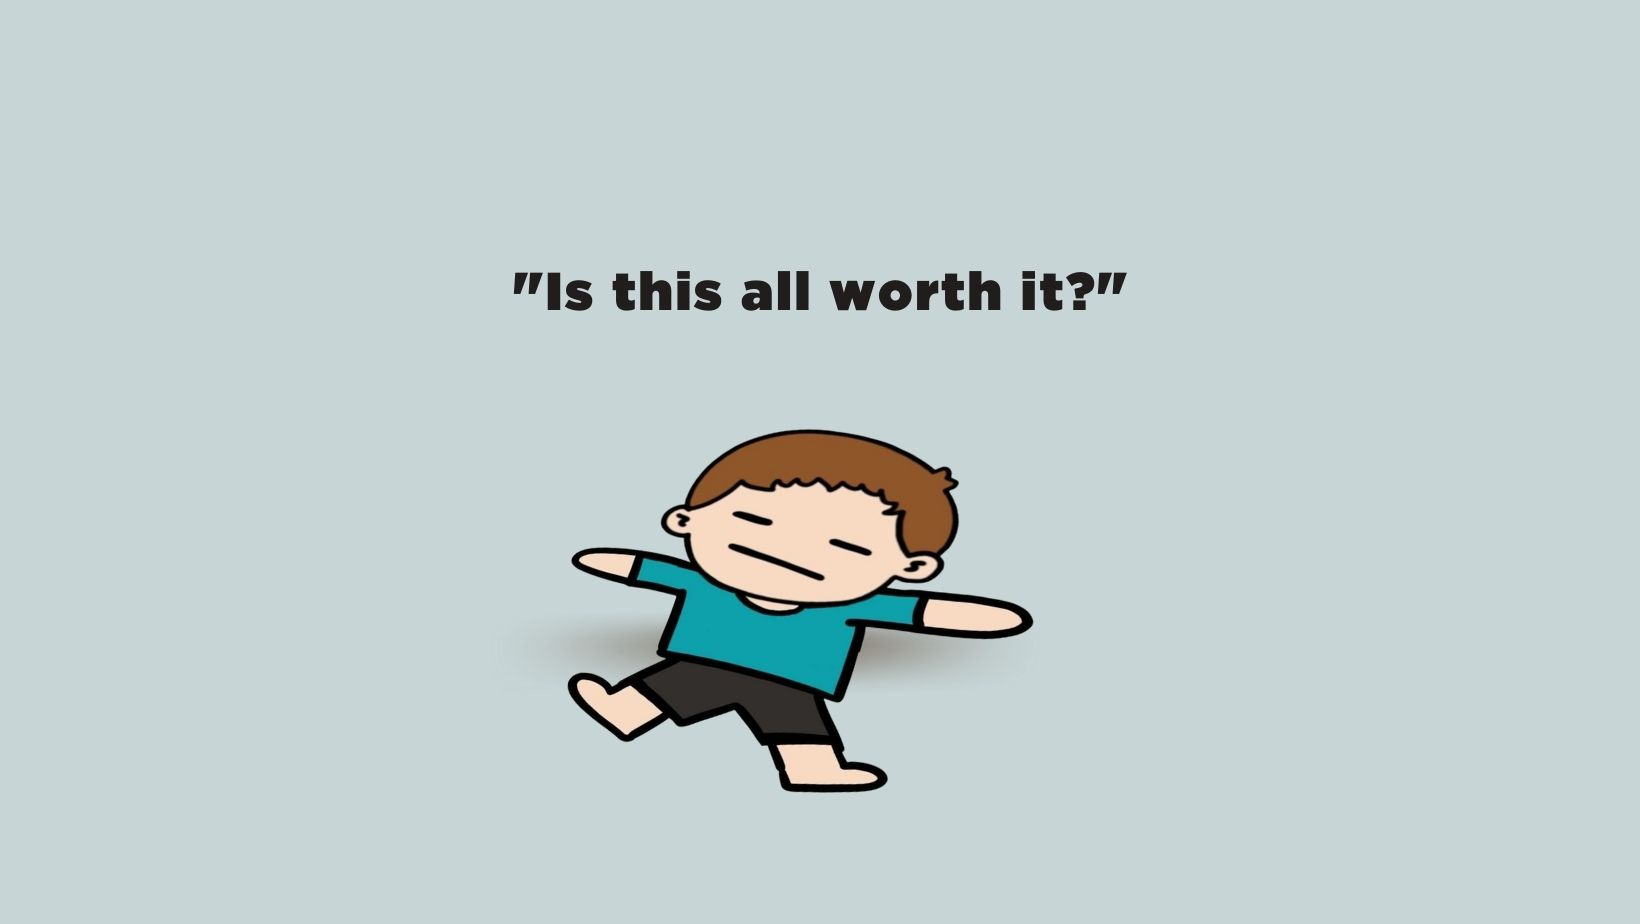 worth it